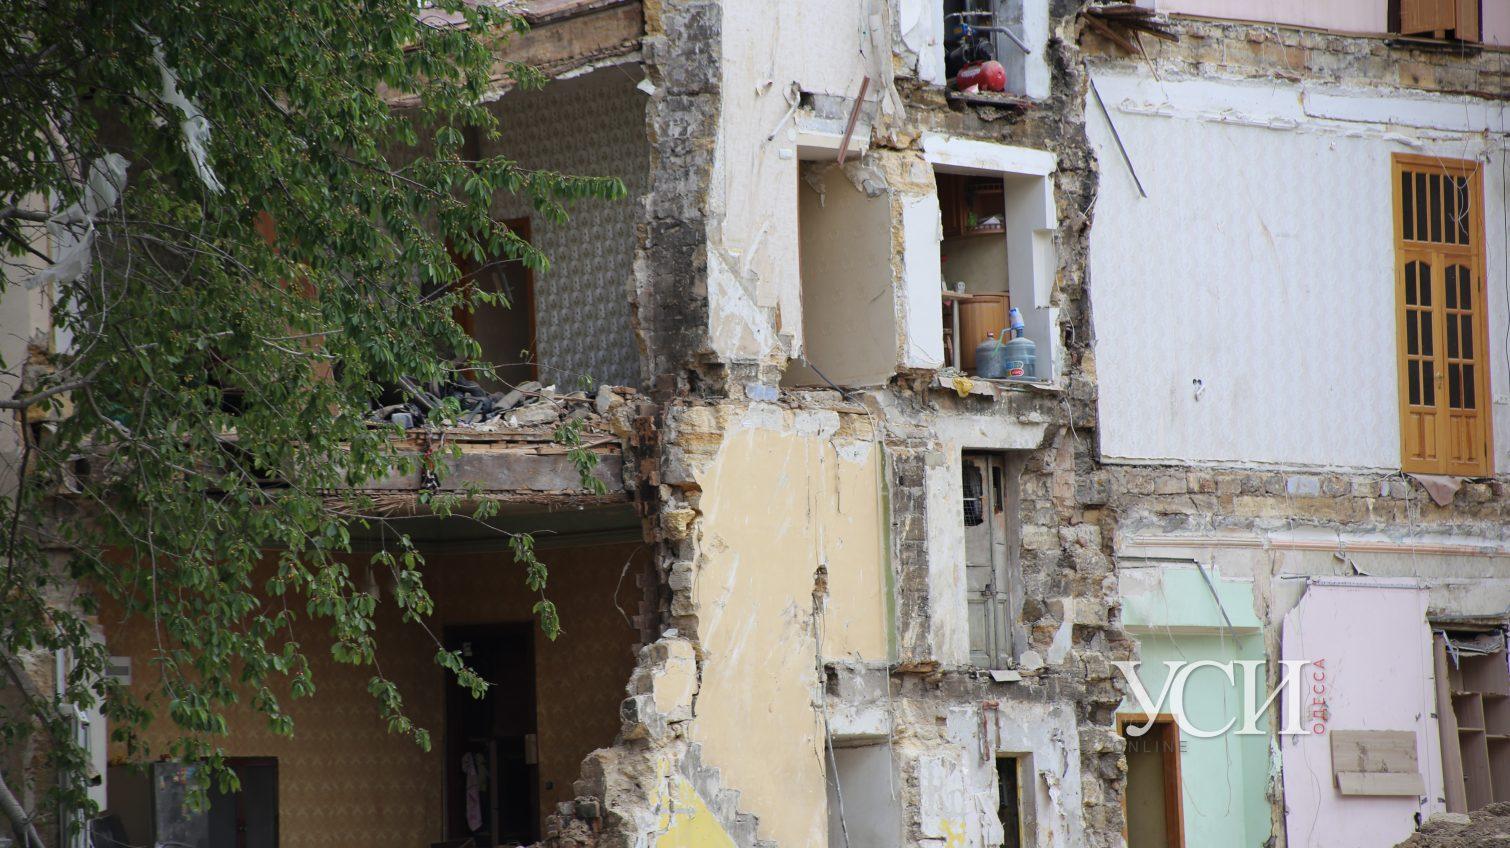 Спасатели прекратили разбирать завалы у рухнувшего дома на Торговой: что там происходит сейчас (фото) «фото»